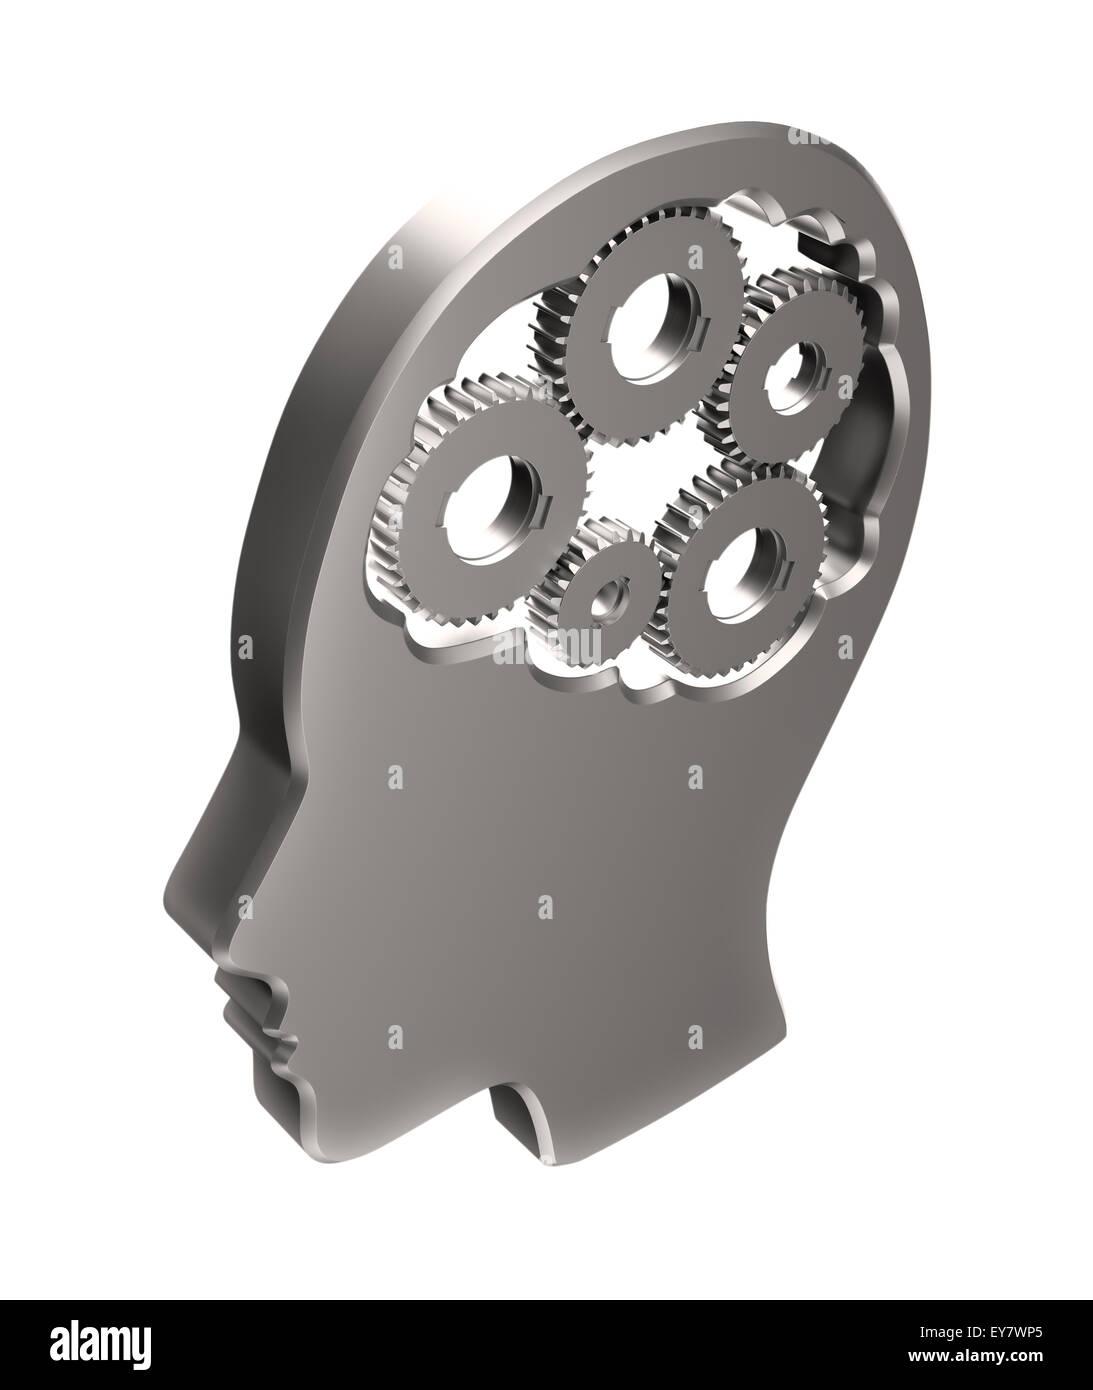 Dientes dentro de una cabeza humana contorno - La memoria y las funciones cognitivas ilustración del concepto Imagen De Stock